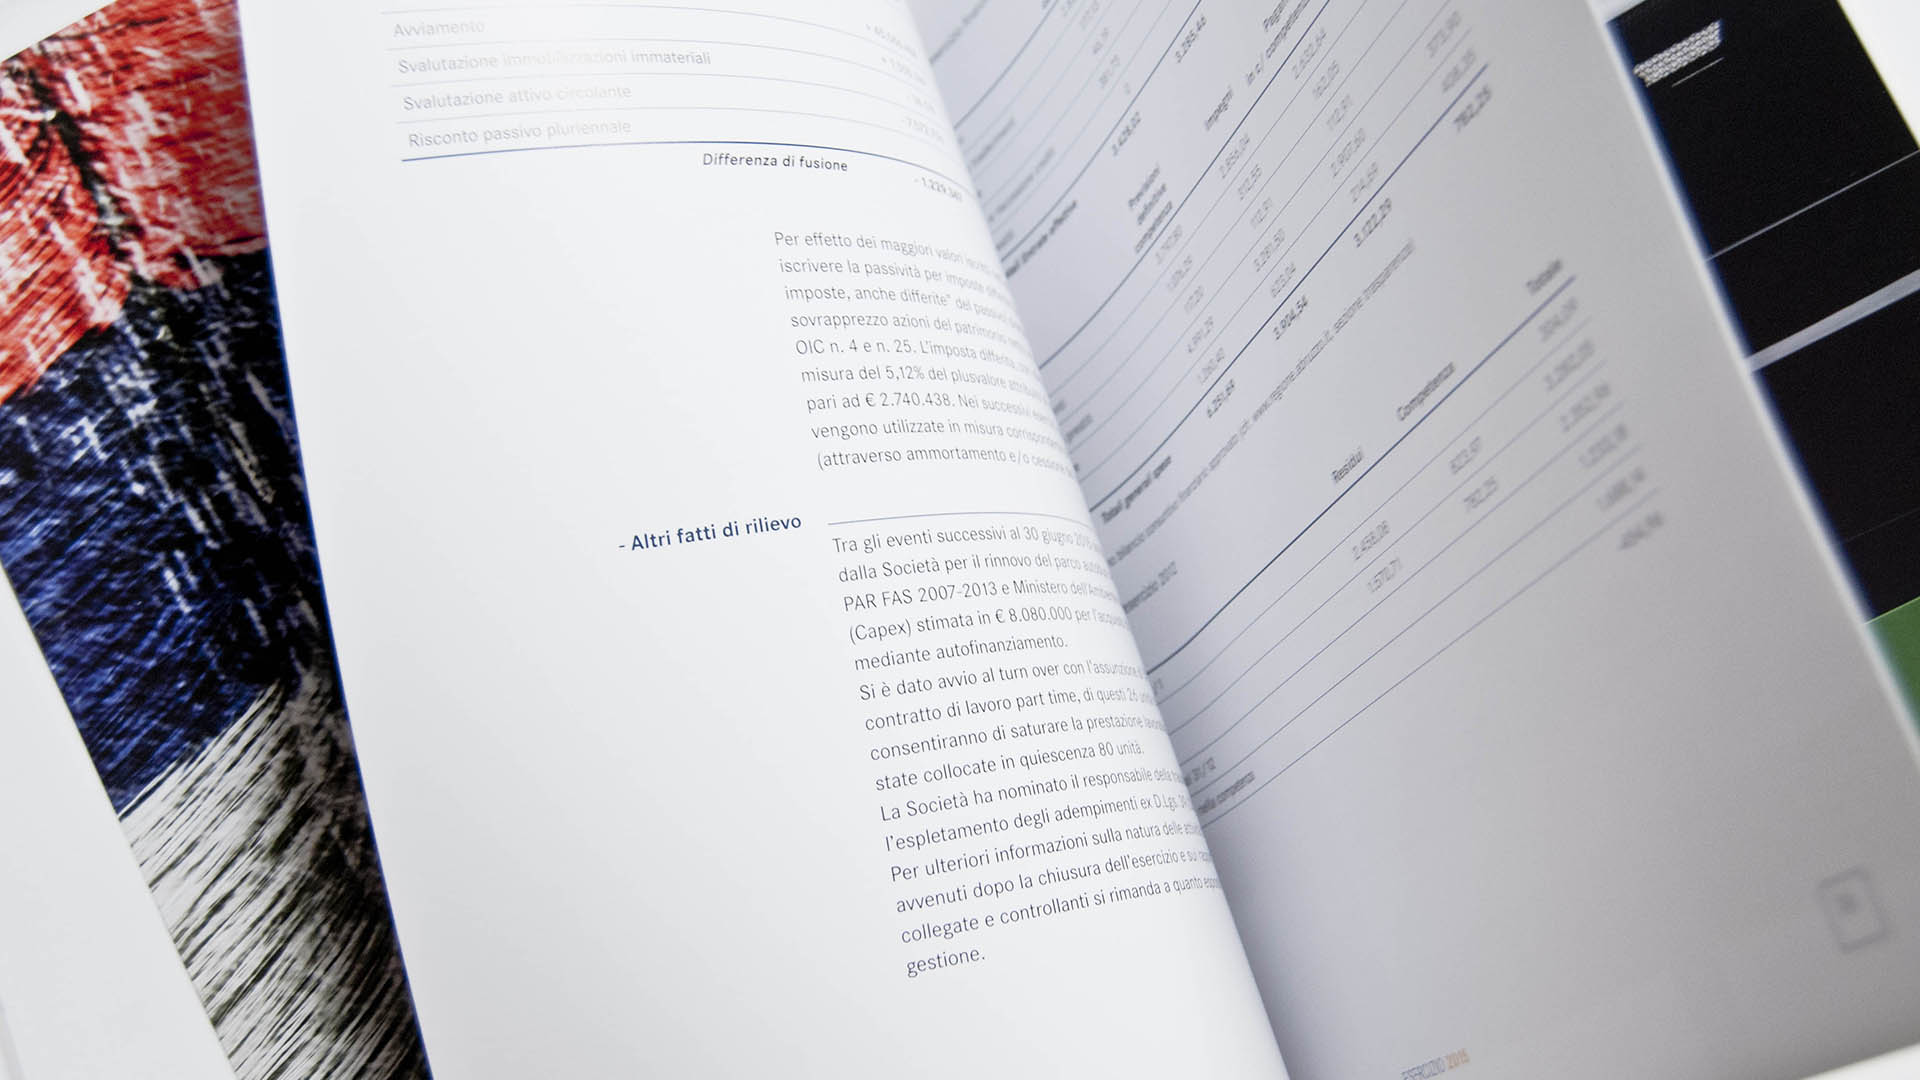 TUA, Annual report 2015 – 2016